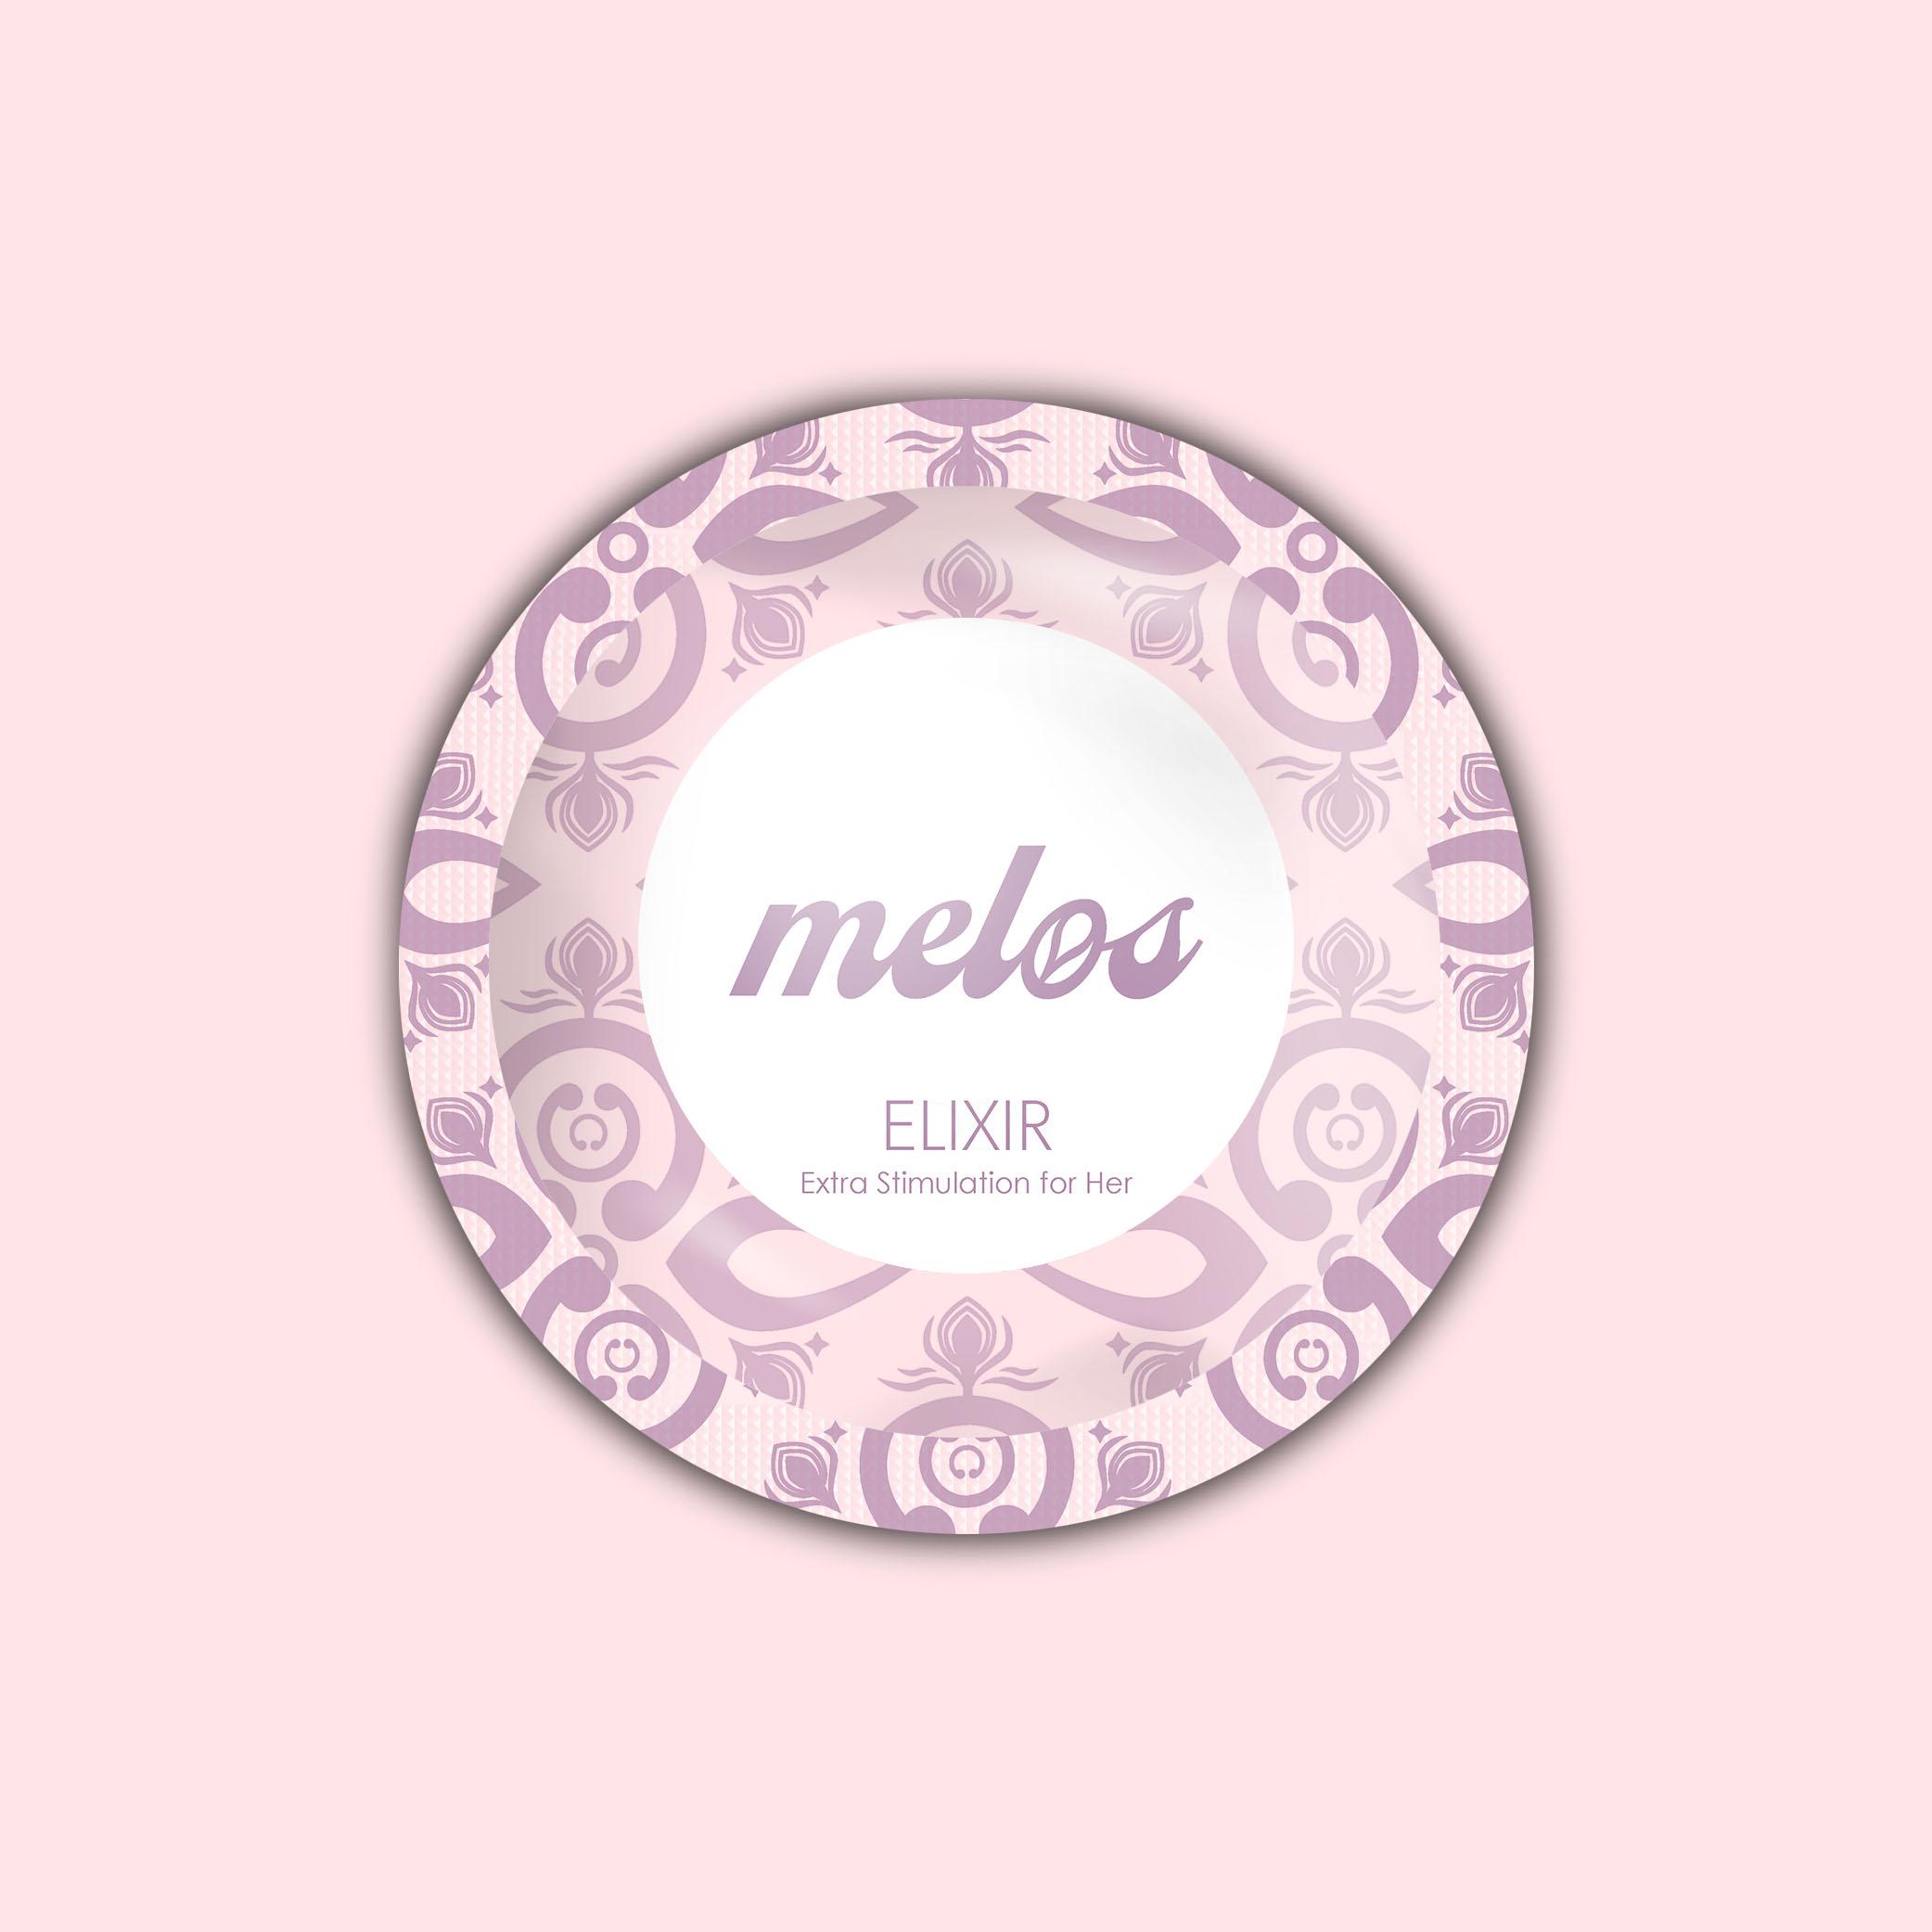 Melos_ELIXIR_Pack Mockup.jpg